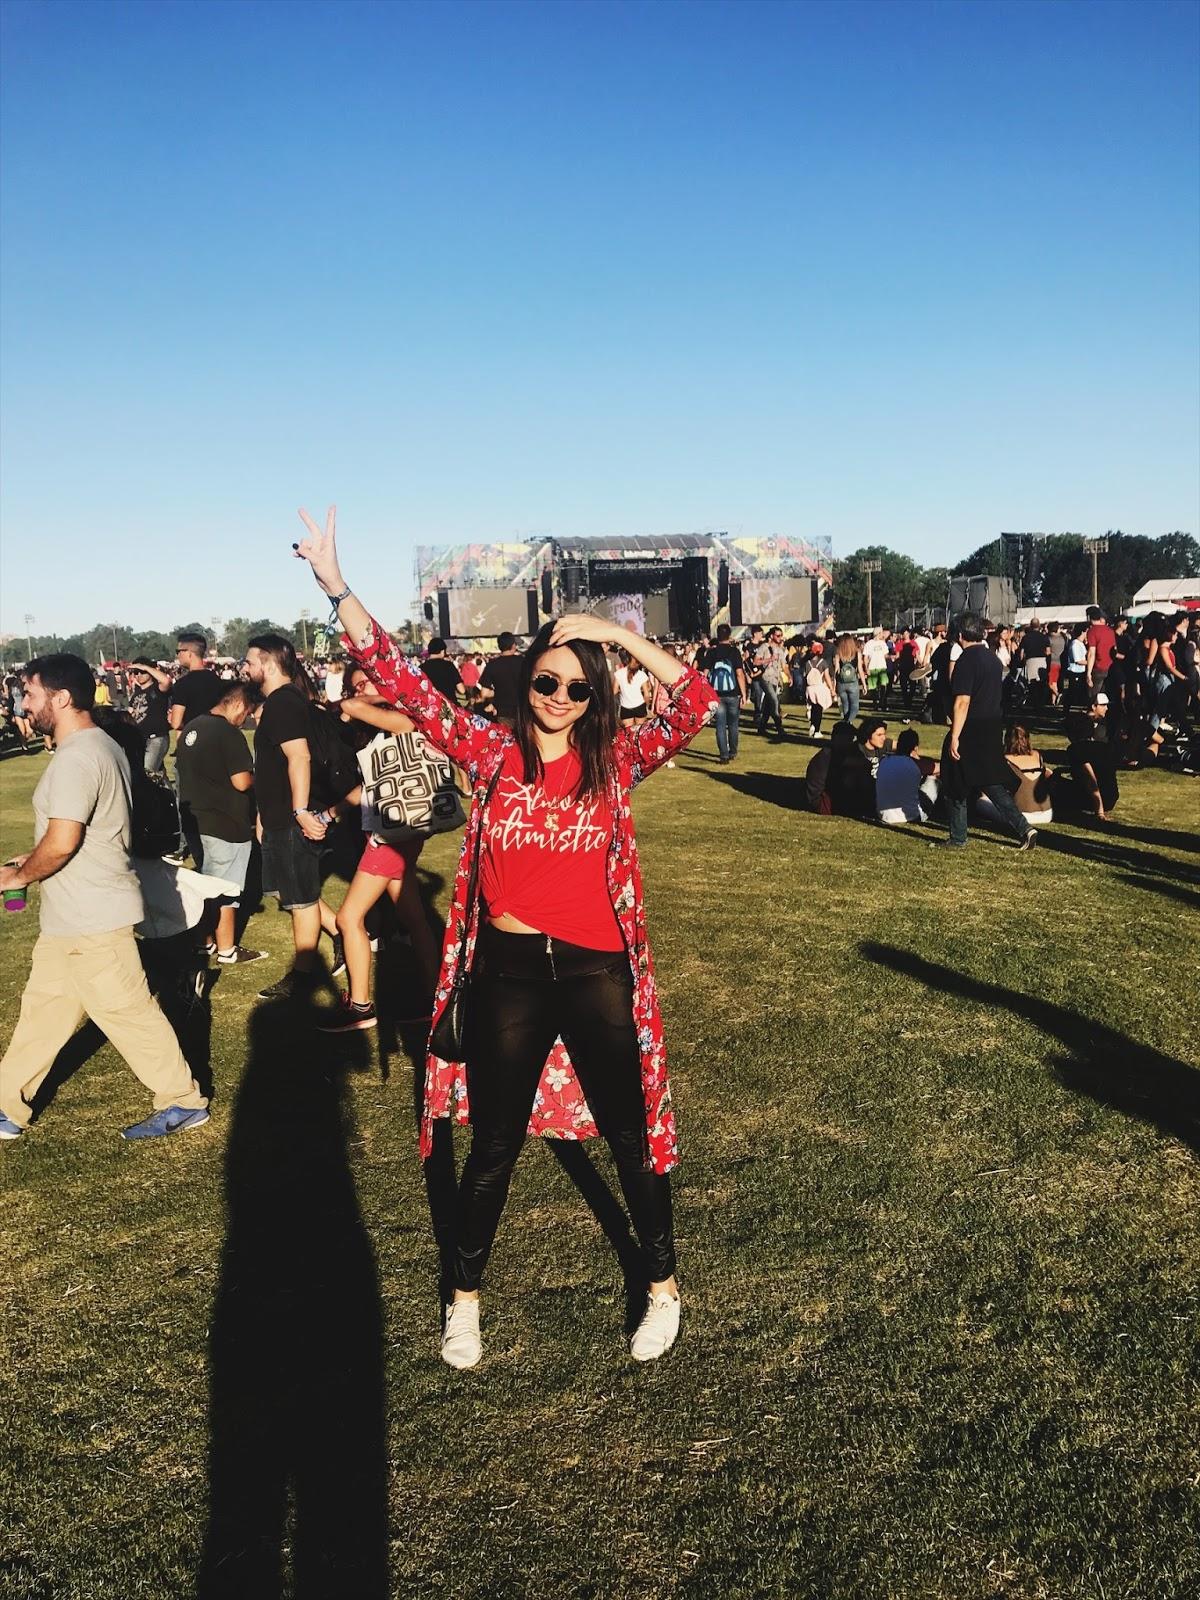 Resumen de Mi Experiencia en el Lollapalooza 2018 | ohmagblog by Maggie